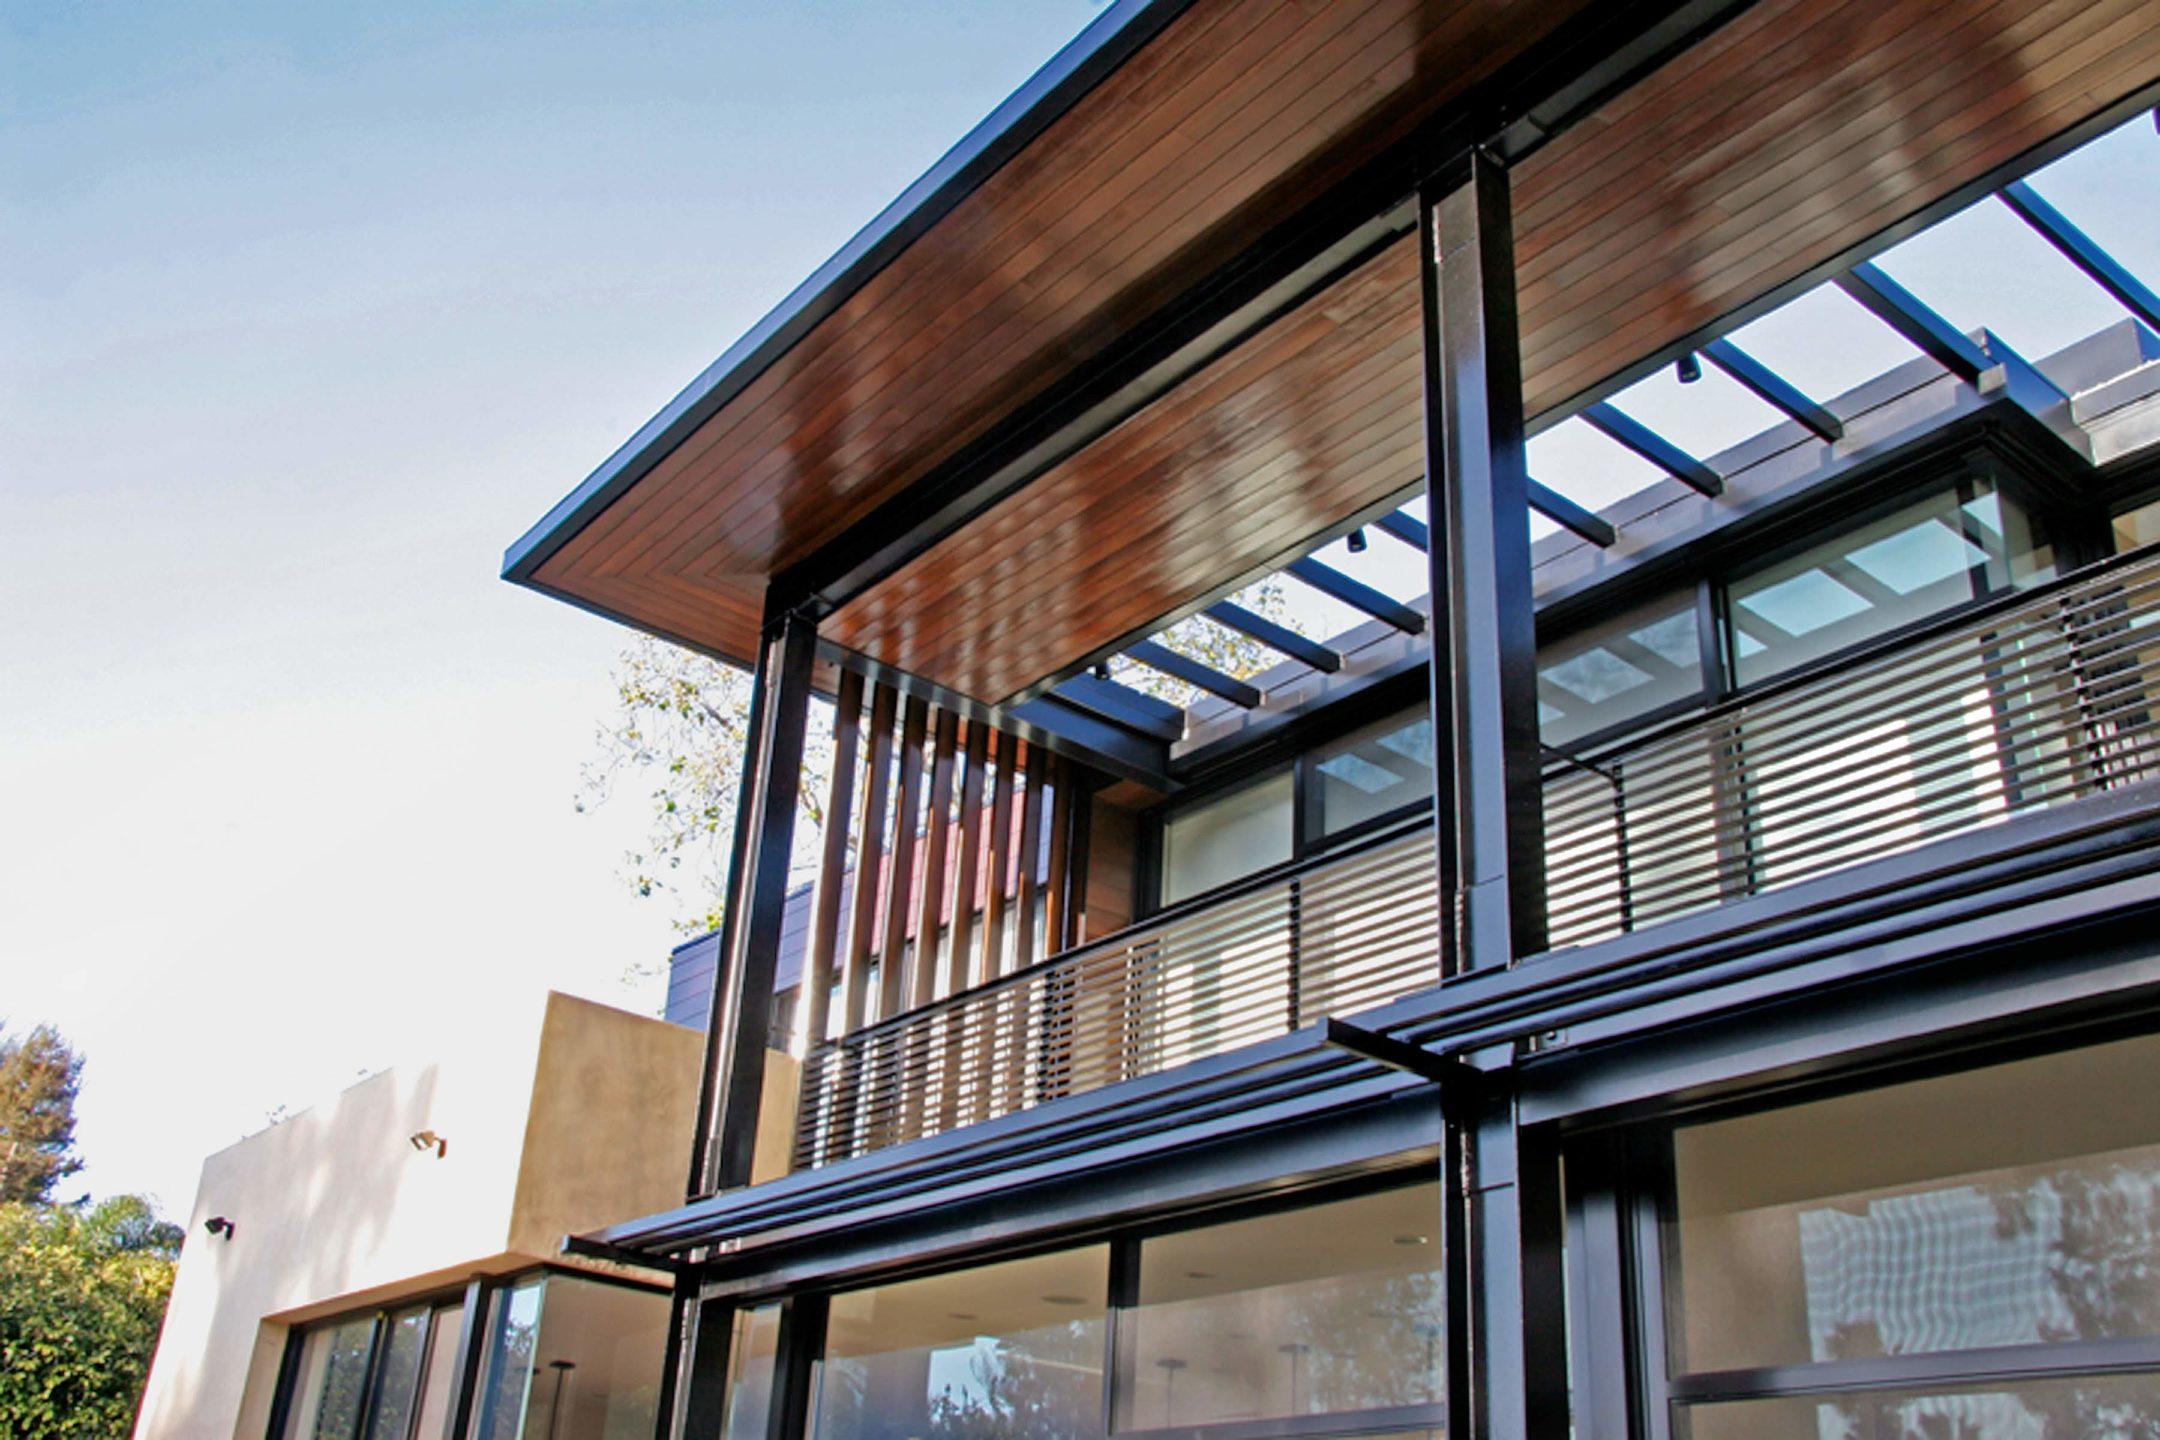 studio-william-hefner-Monkarsh__Ext__Architecture__02RT__(LH)